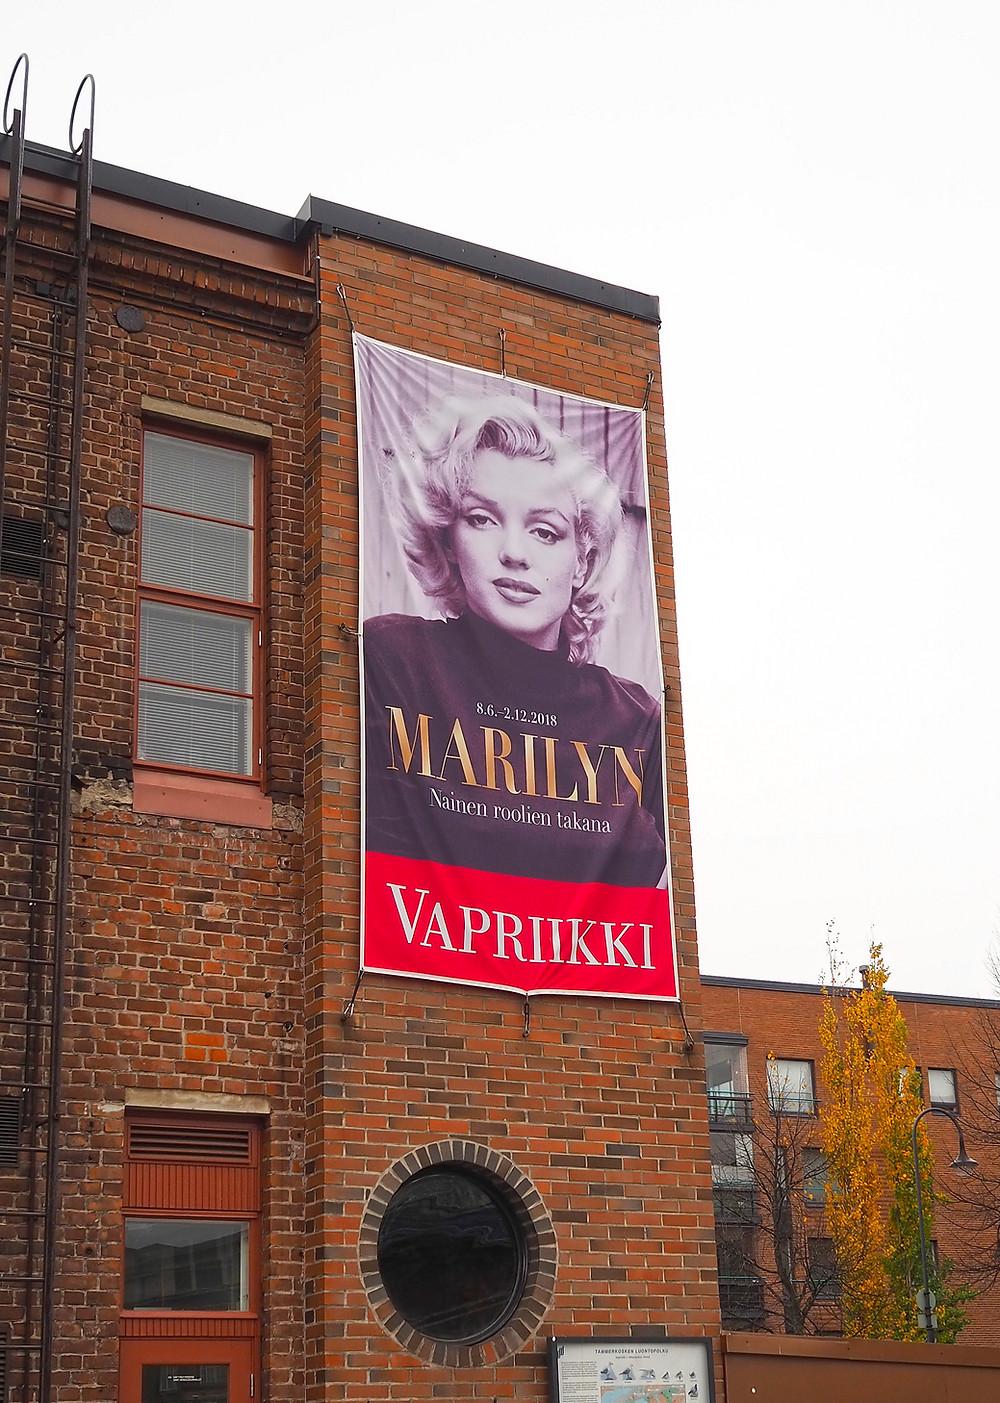 Marilyn Monroe – nainen roolien takana Vapriikki